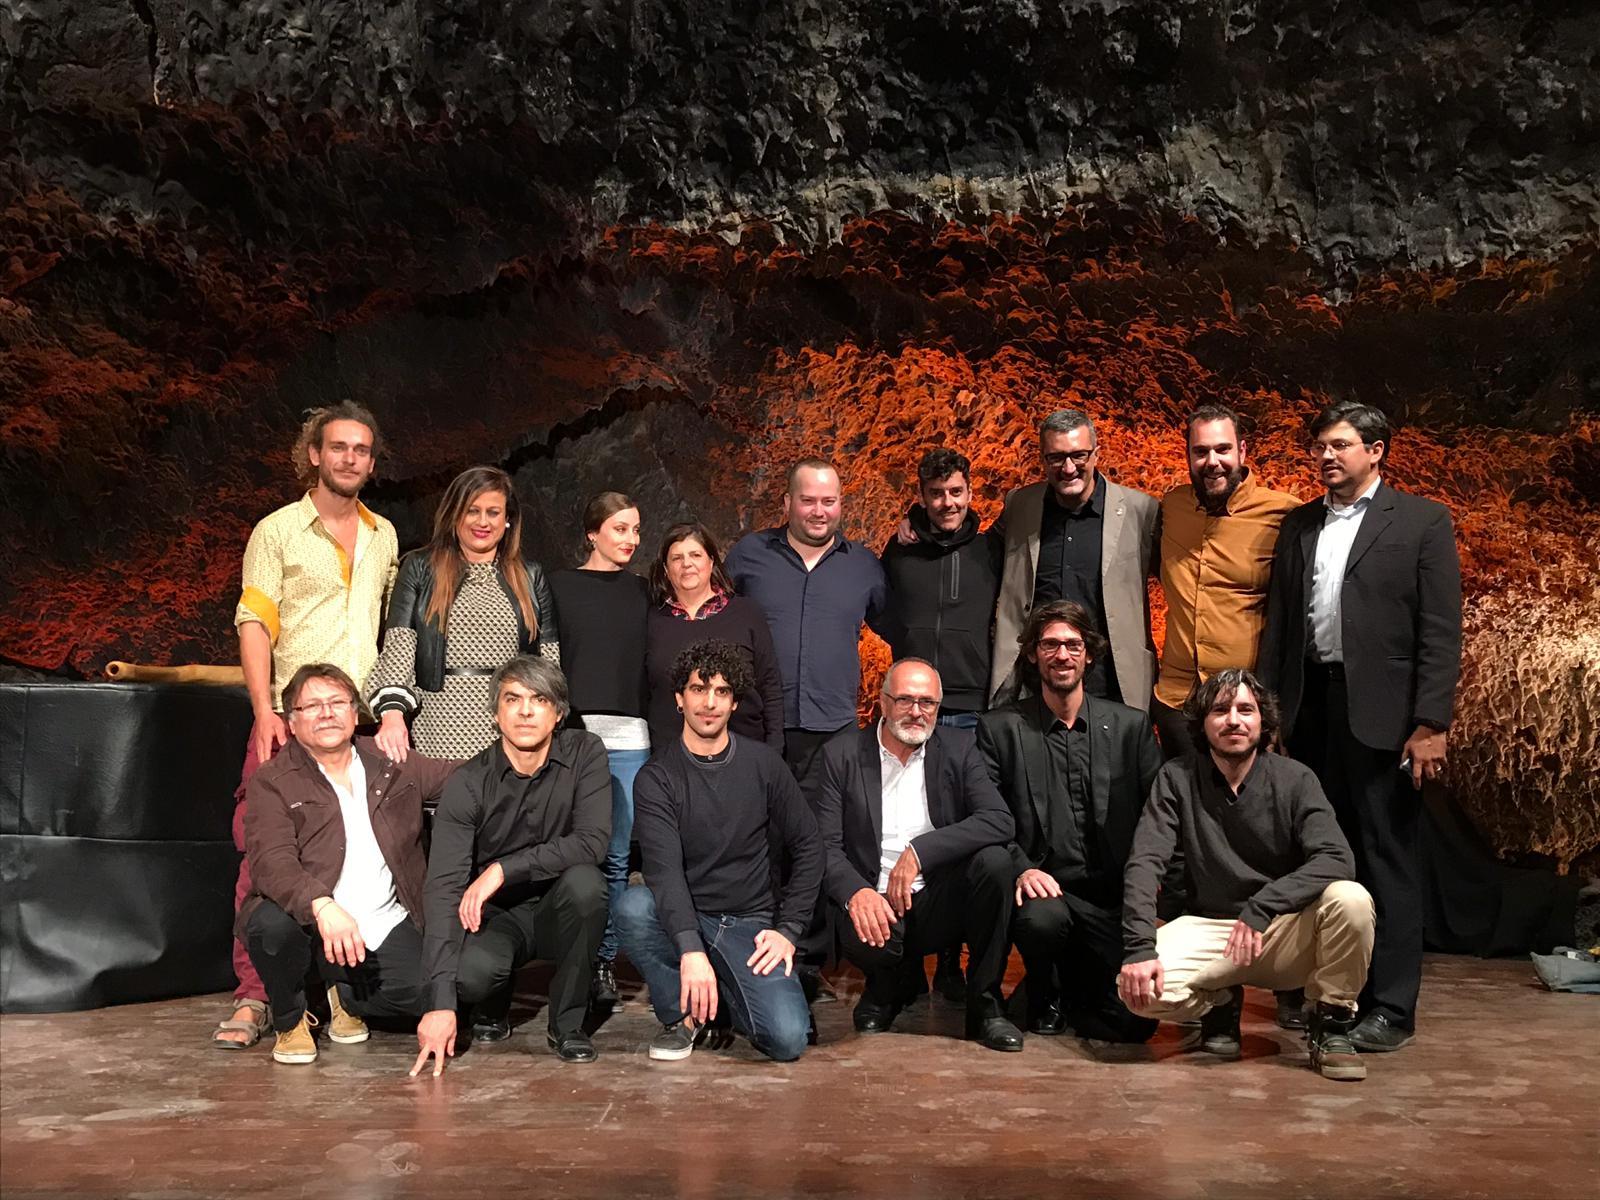 Espectacular clausura del II Festival Internacional 'Guitarras en Haría' en la Cueva de Los Verdes